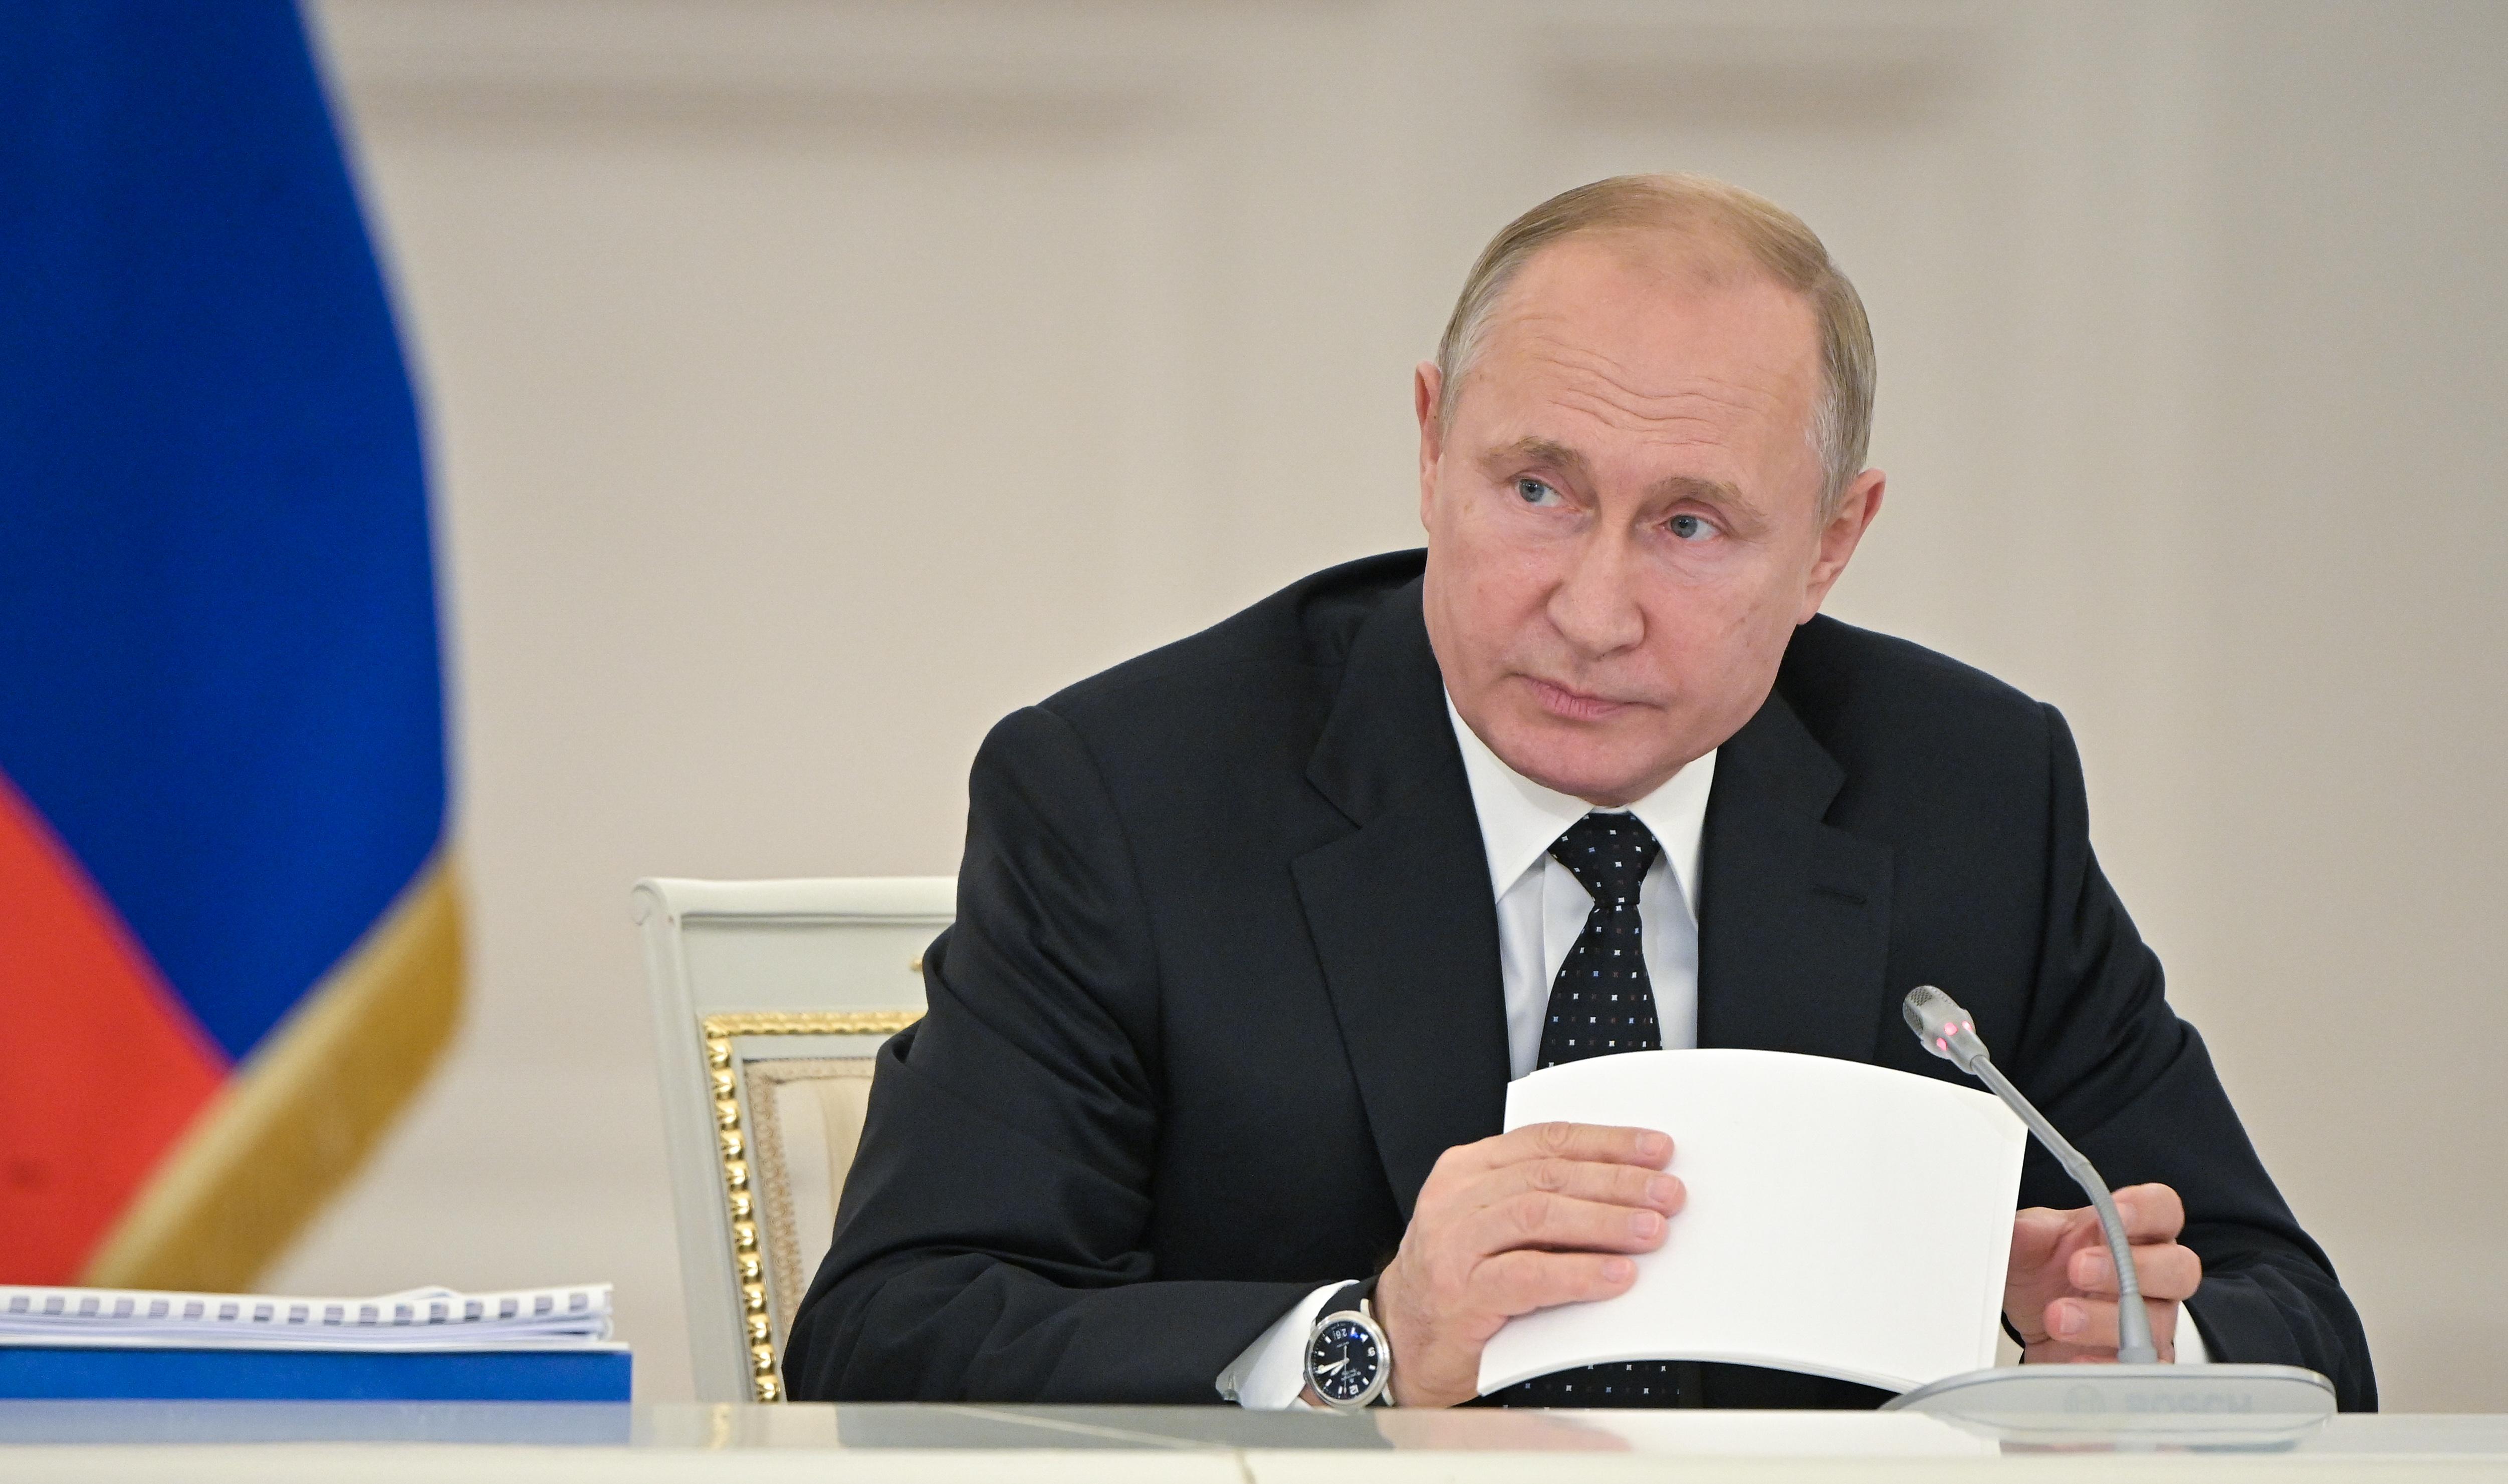 Putyin szerint a liberalizmus elavulttá vált